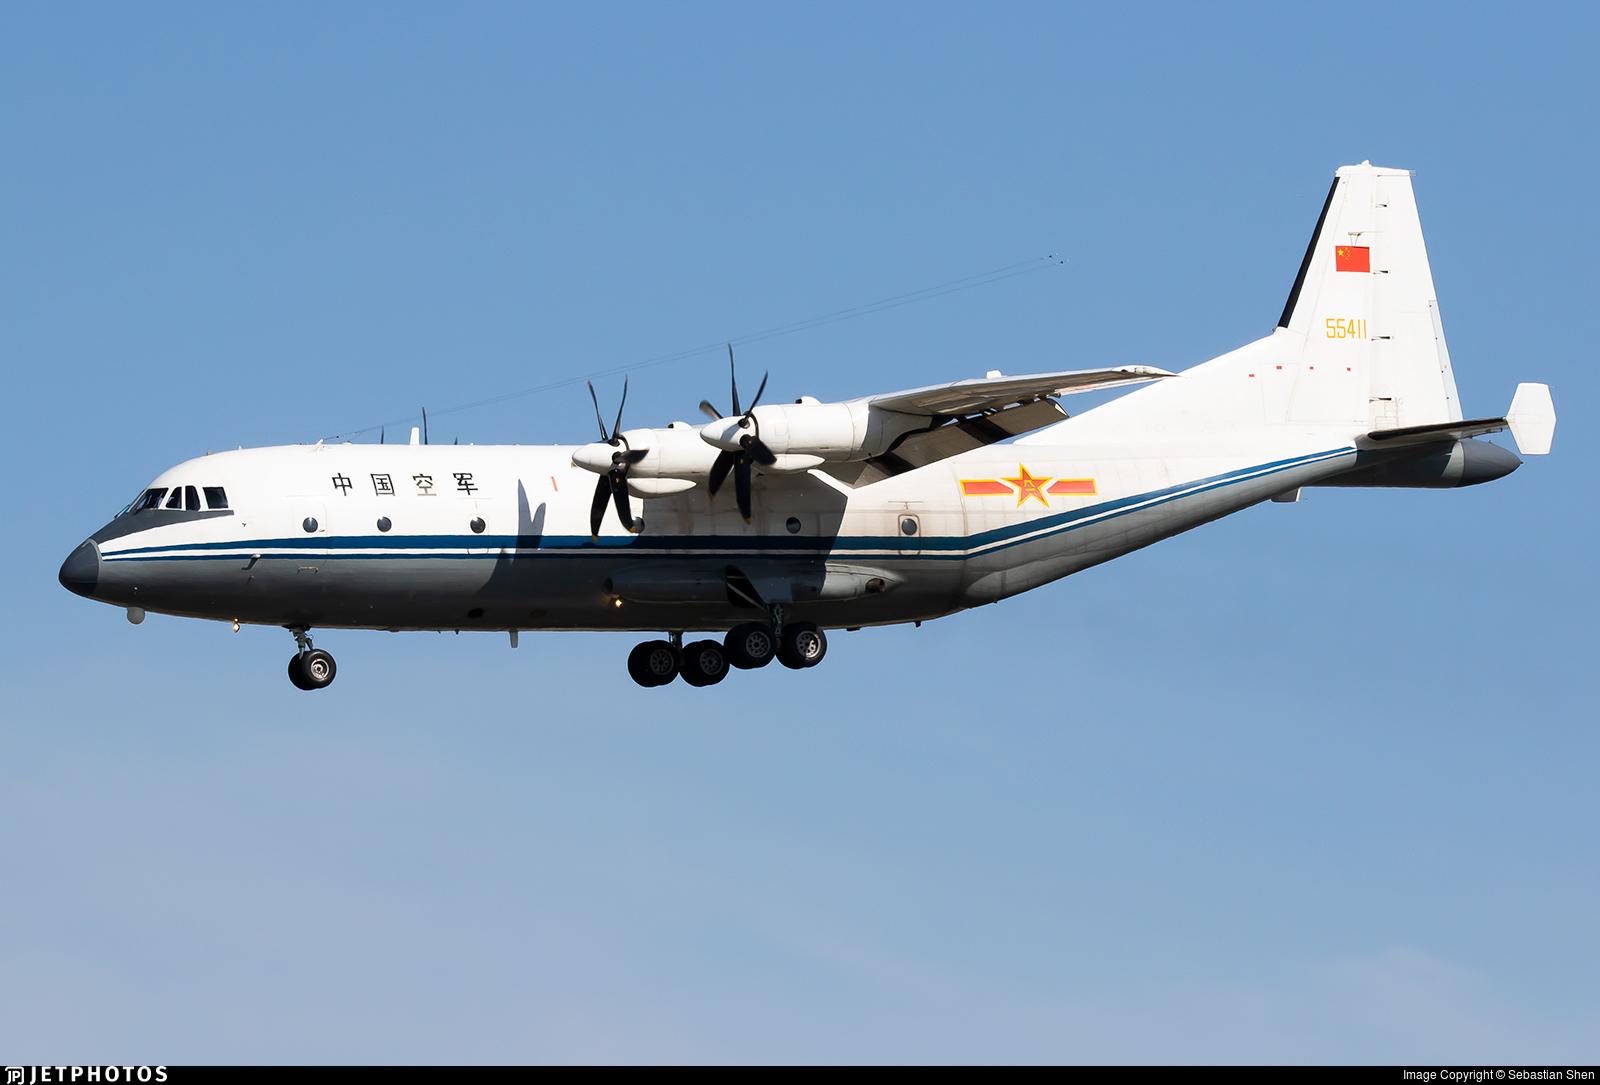 55411 - Shaanxi Y-9 - China - Air Force